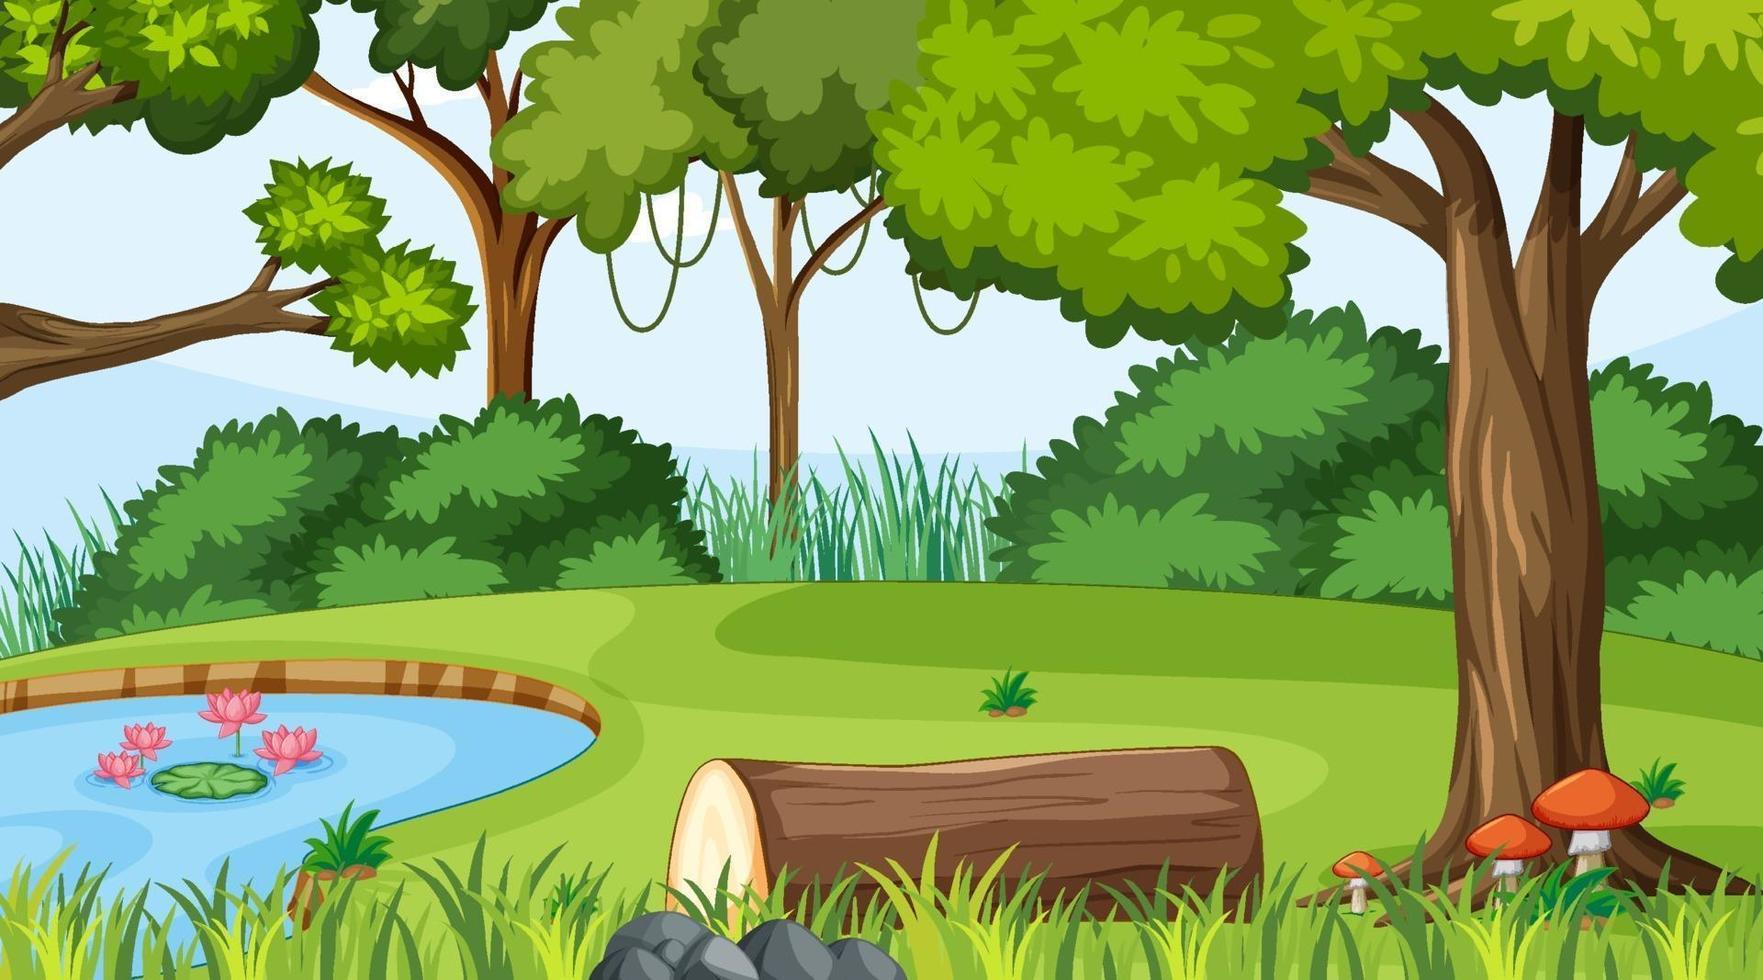 skog landskap scen på dagtid med damm och många träd vektor